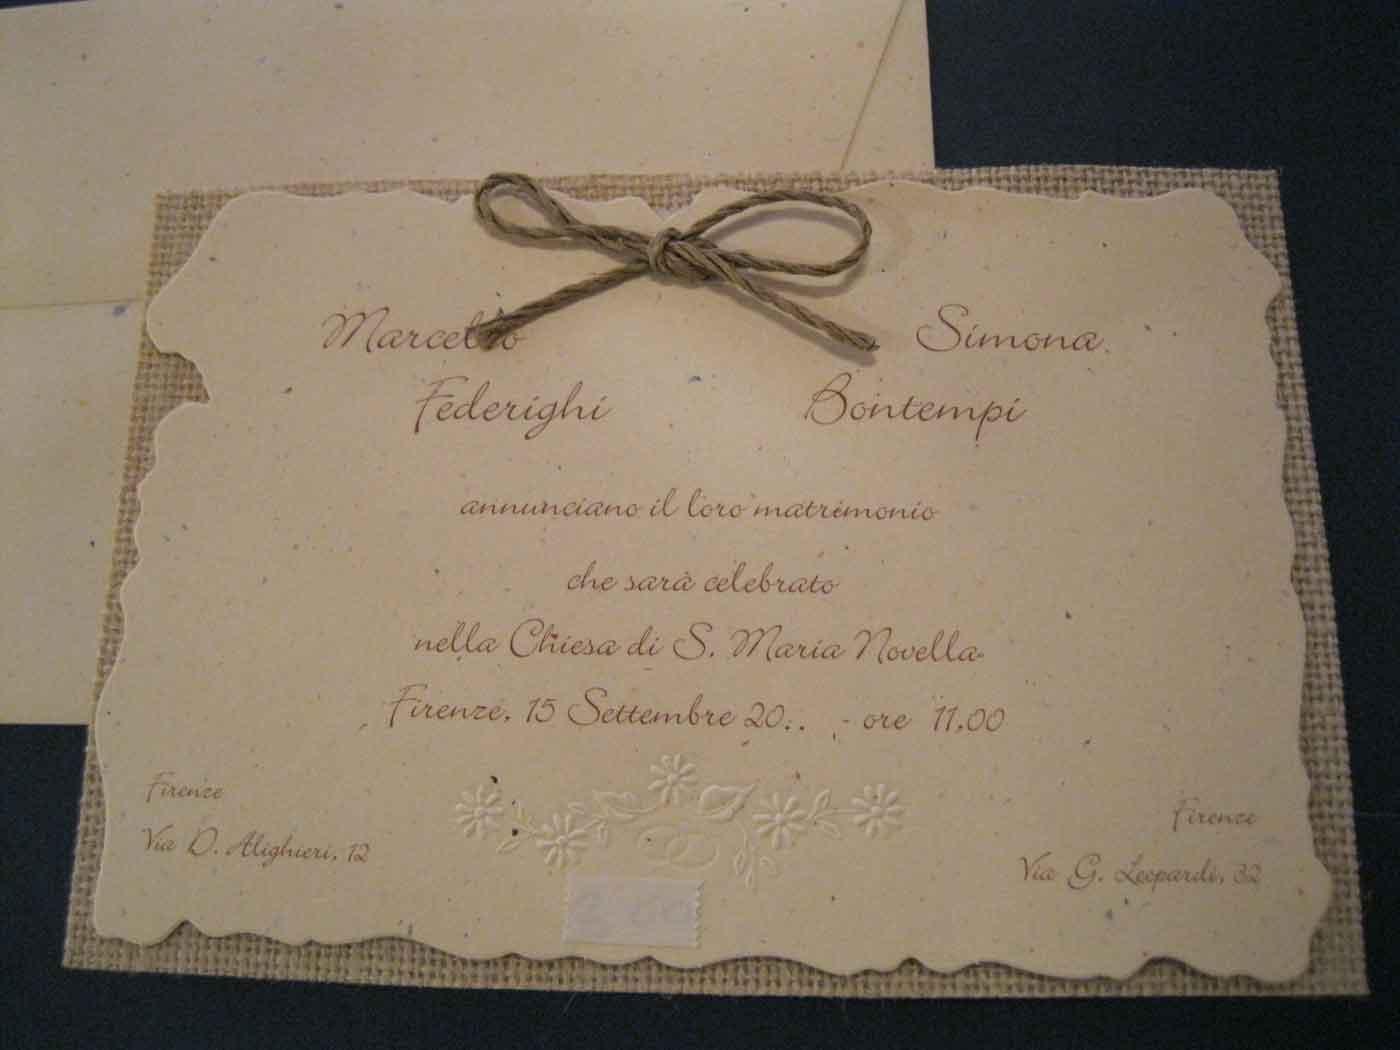 Partecipazioni Matrimonio Informali.Documento Senza Titolo